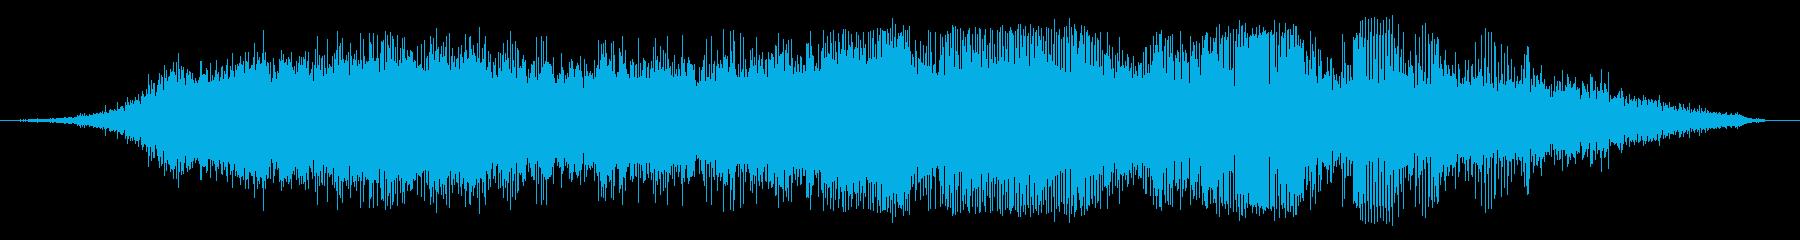 ヘリコプター1の再生済みの波形